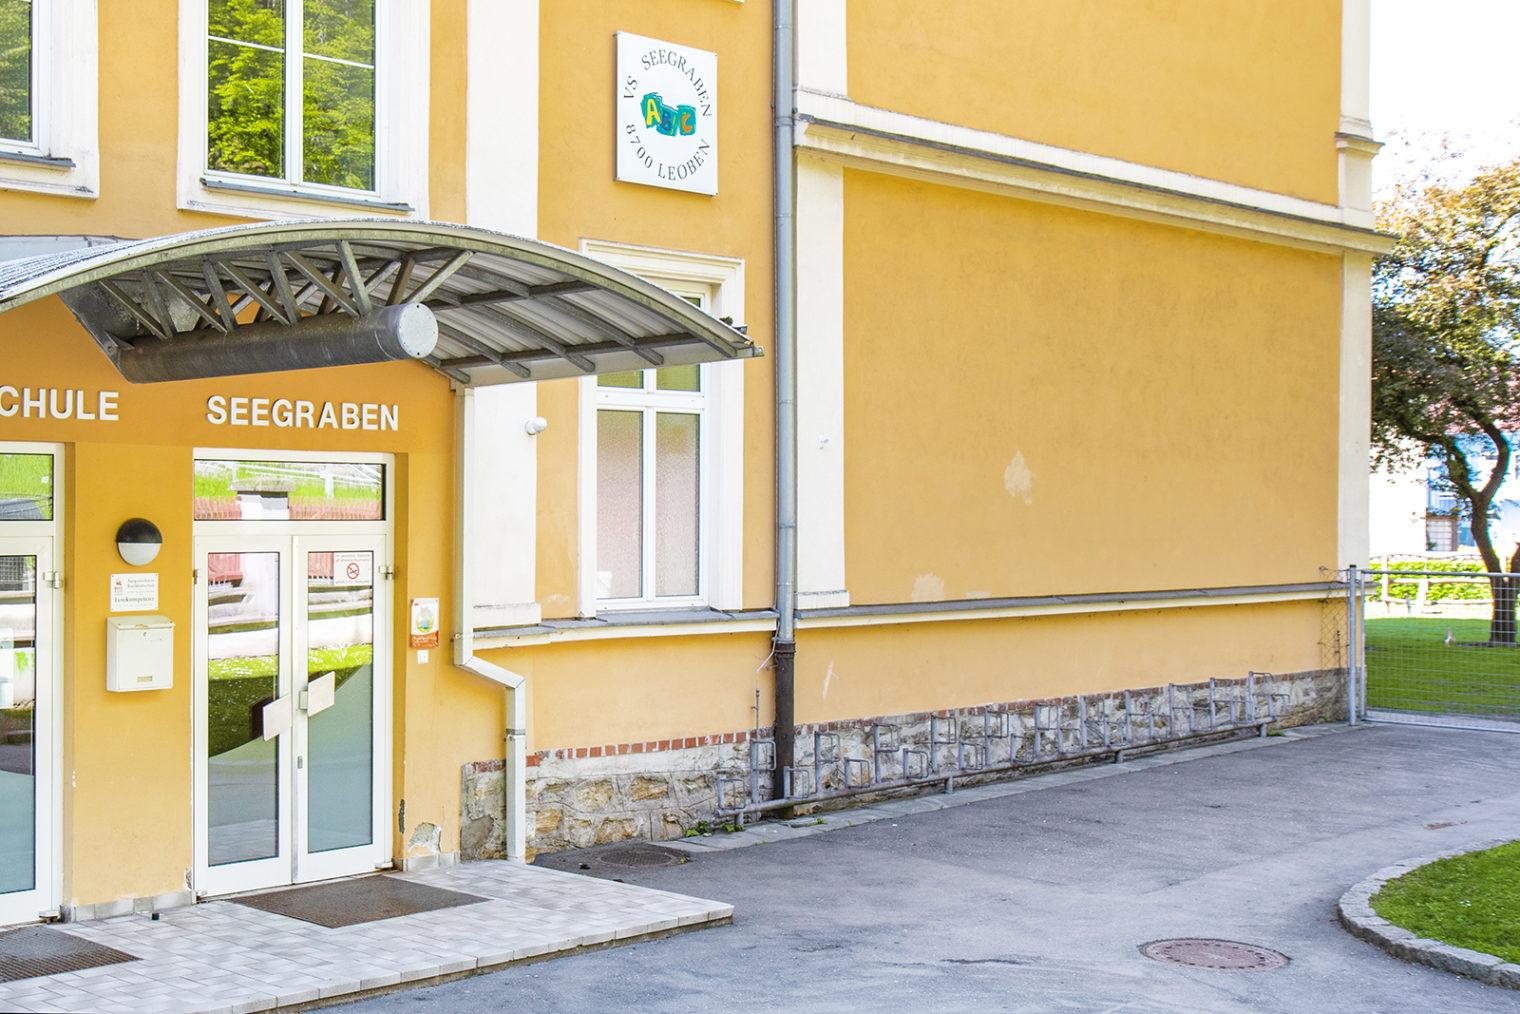 Primary school Leoben-Seegraben